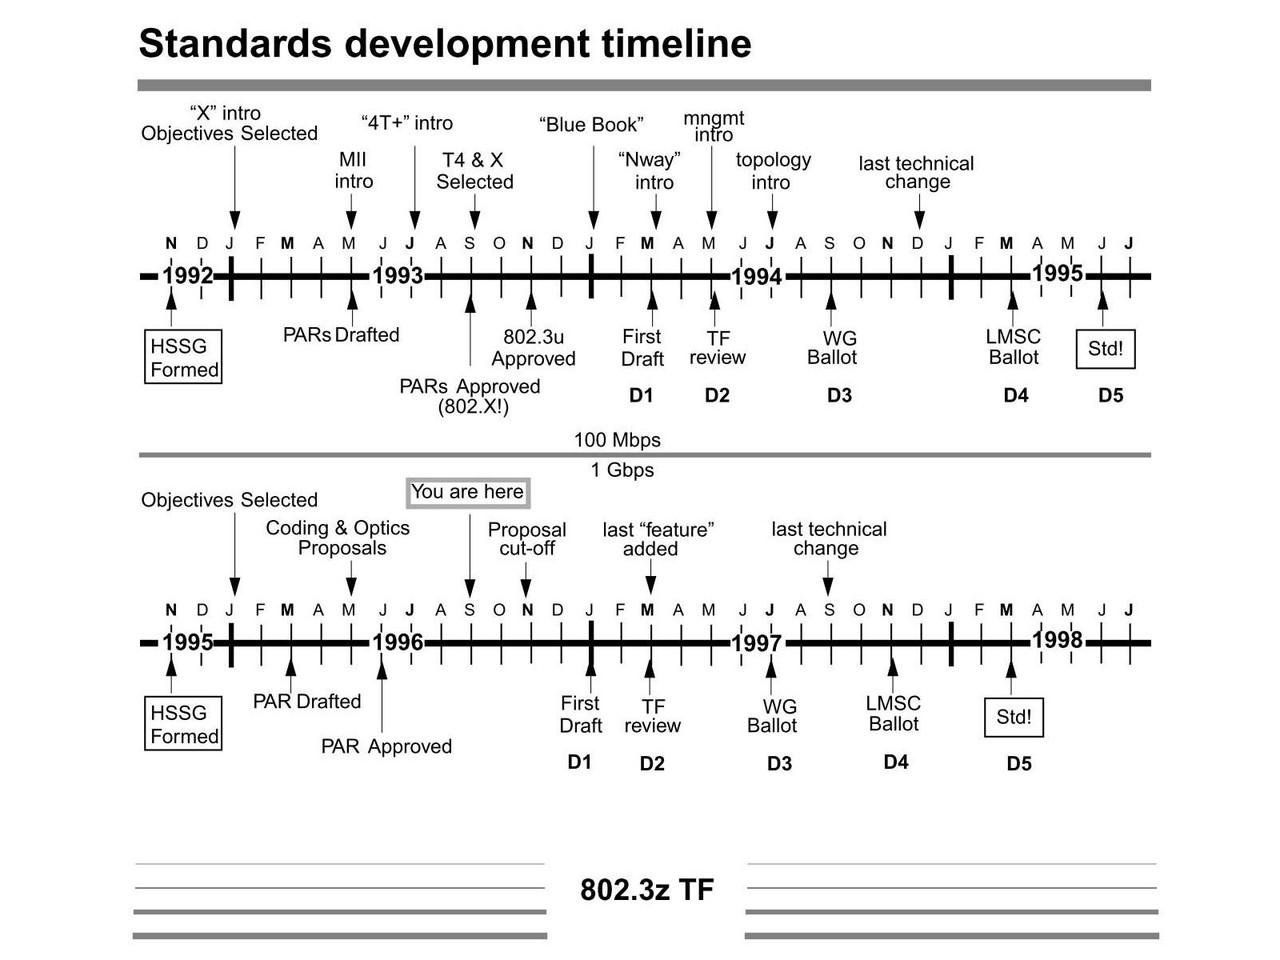 実際は1998年6月25日に、「IEEE 802.3z」がIEEE-SA Standards Boardで承認されたので、ここから4カ月ほど遅れはあるものの、ほぼスケジュールに近い日程で進展した